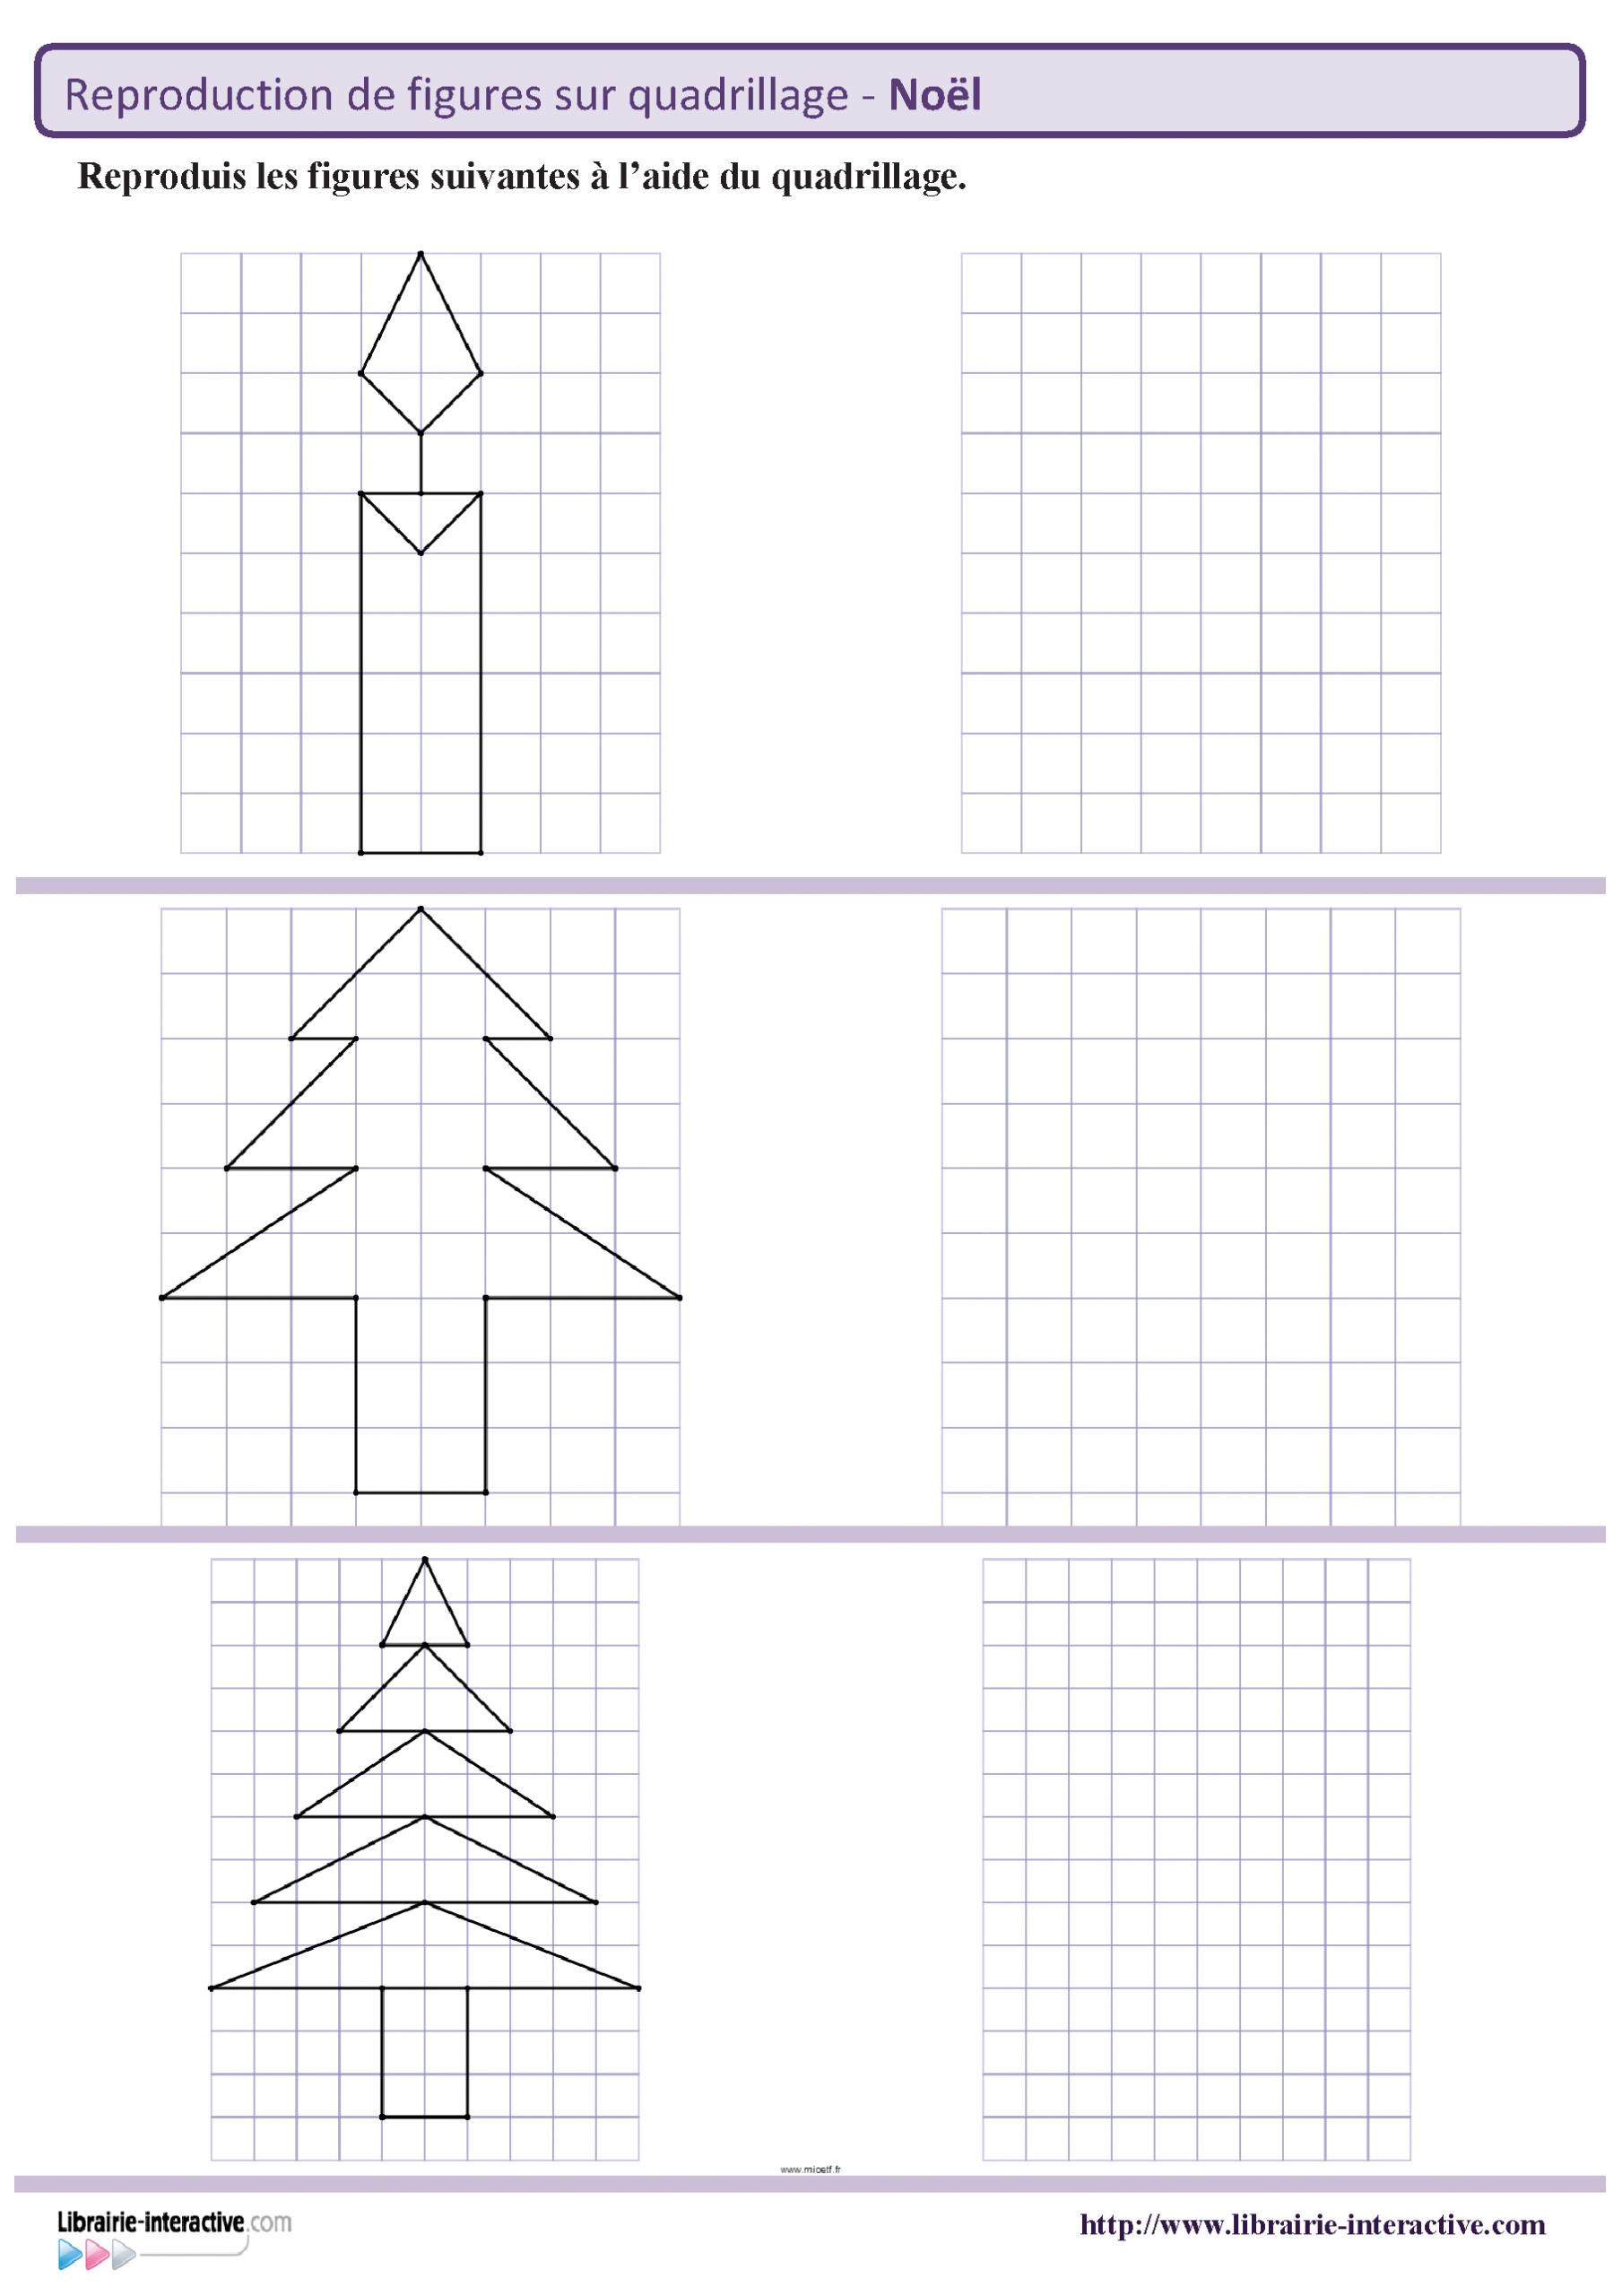 Des Figures Géométriques Sur Le Thème De Noël À Reproduire intérieur Reproduction Sur Quadrillage Cp